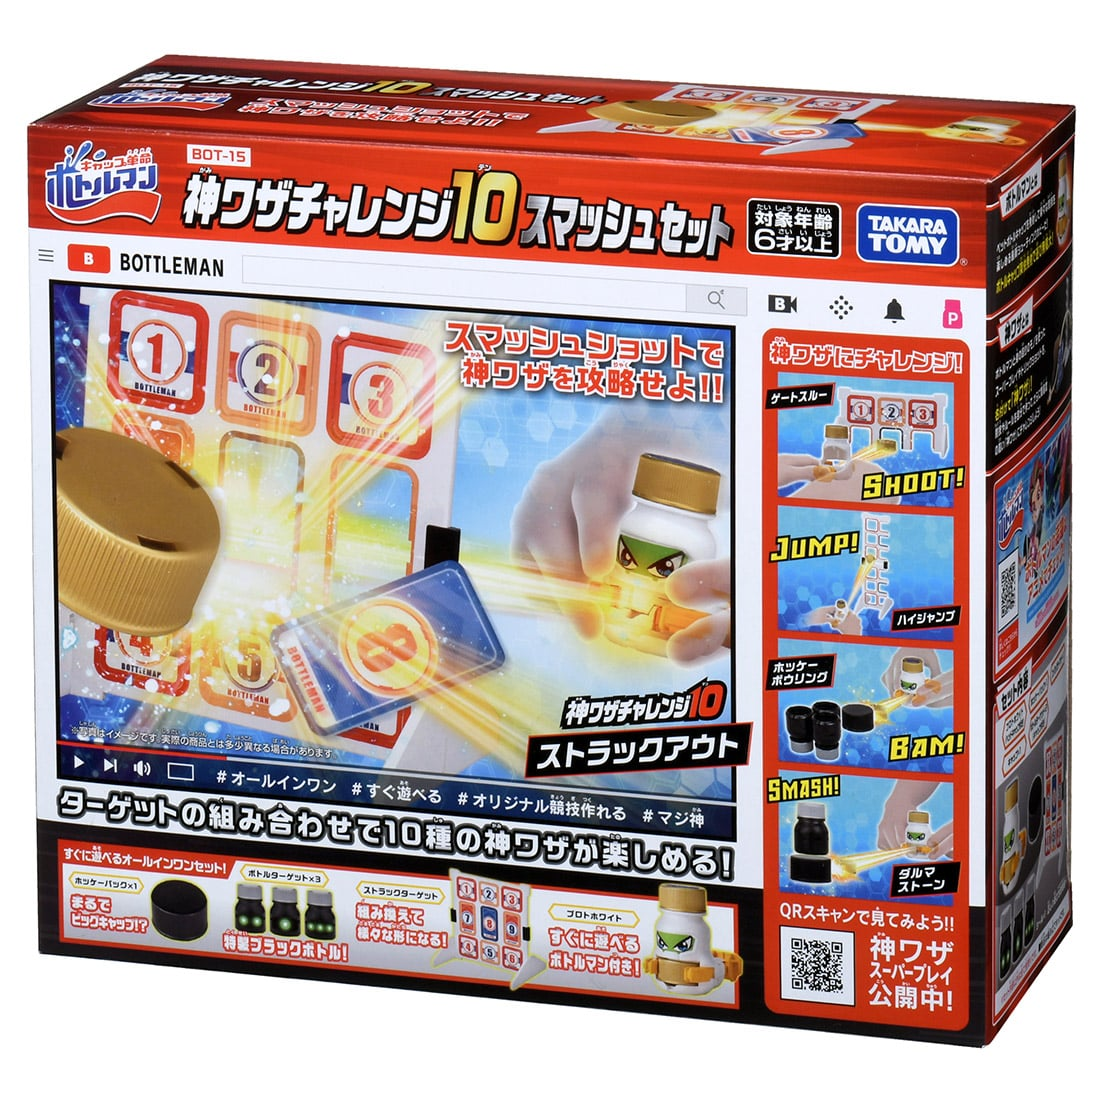 キャップ革命 ボトルマン『BOT-15 神ワザチャレンジ10 スマッシュセット』おもちゃ-008